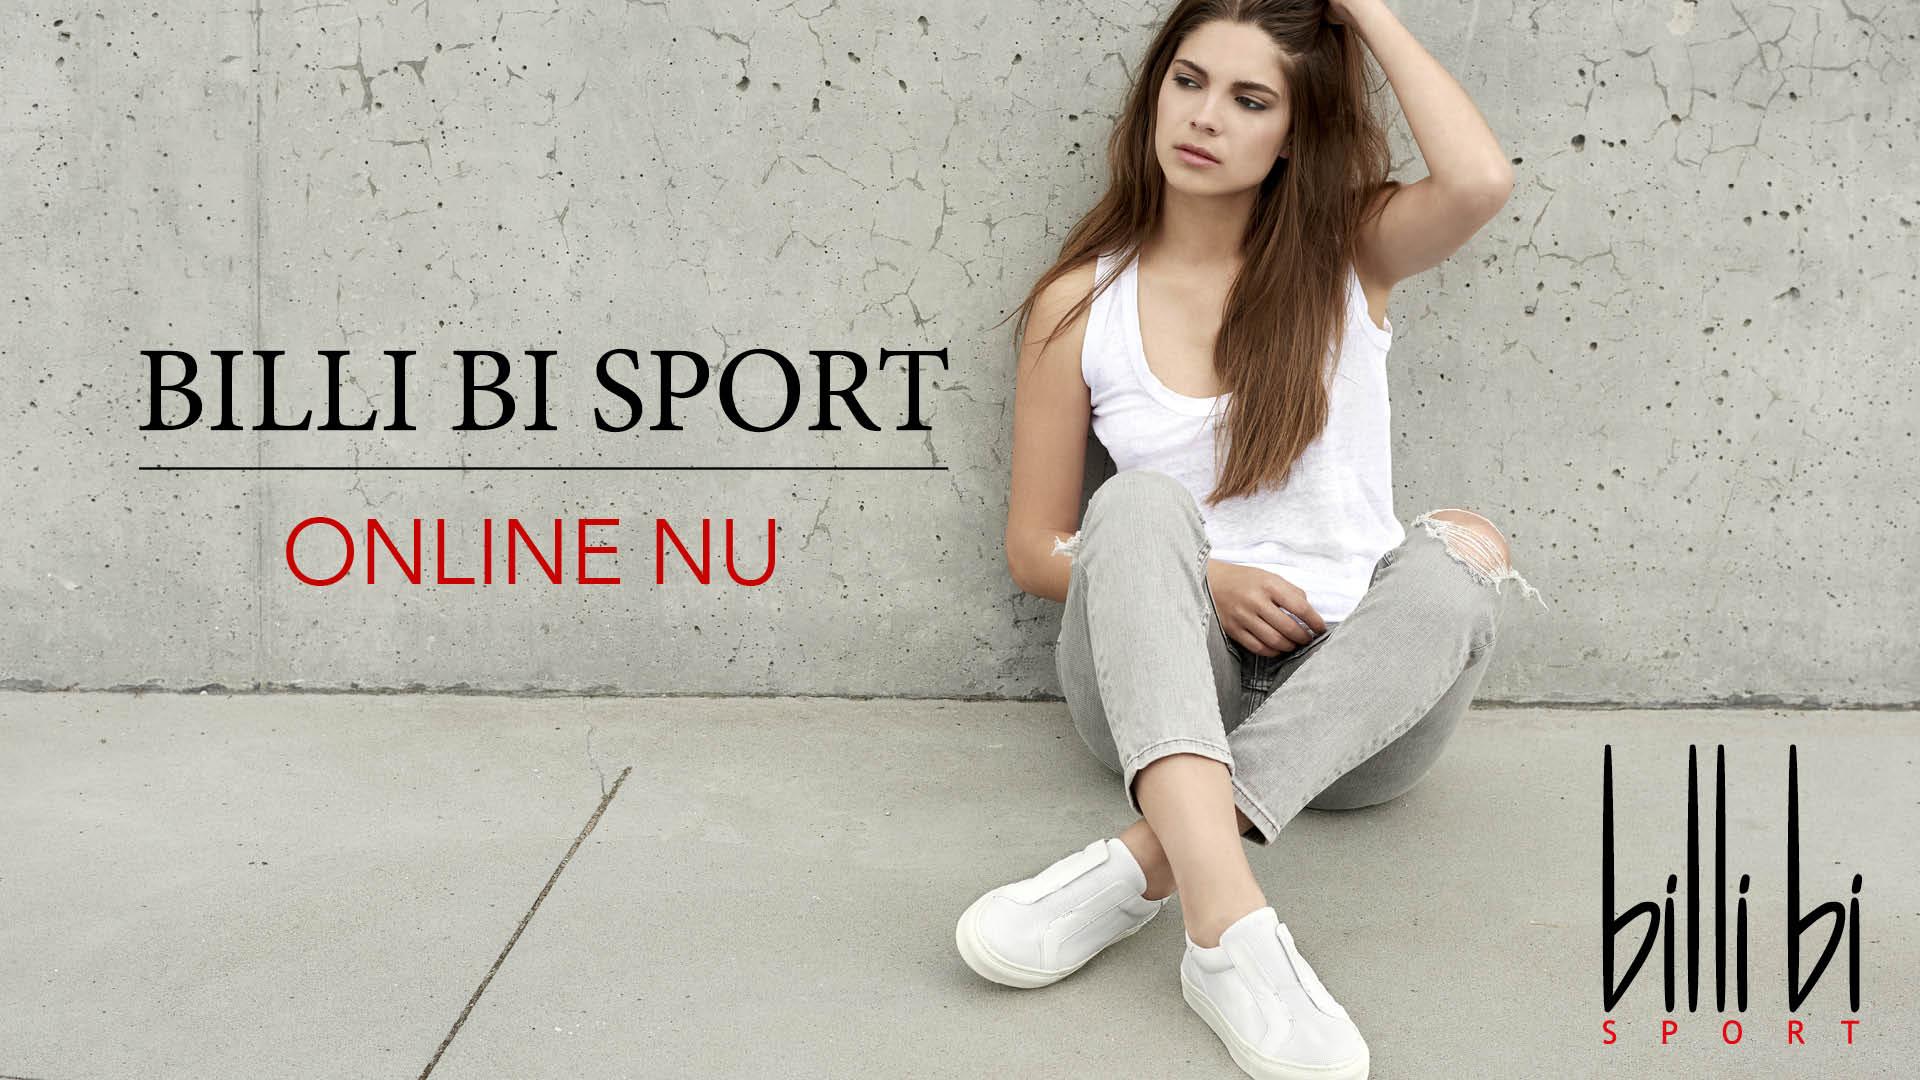 Billi Bi Sport hos Carla F